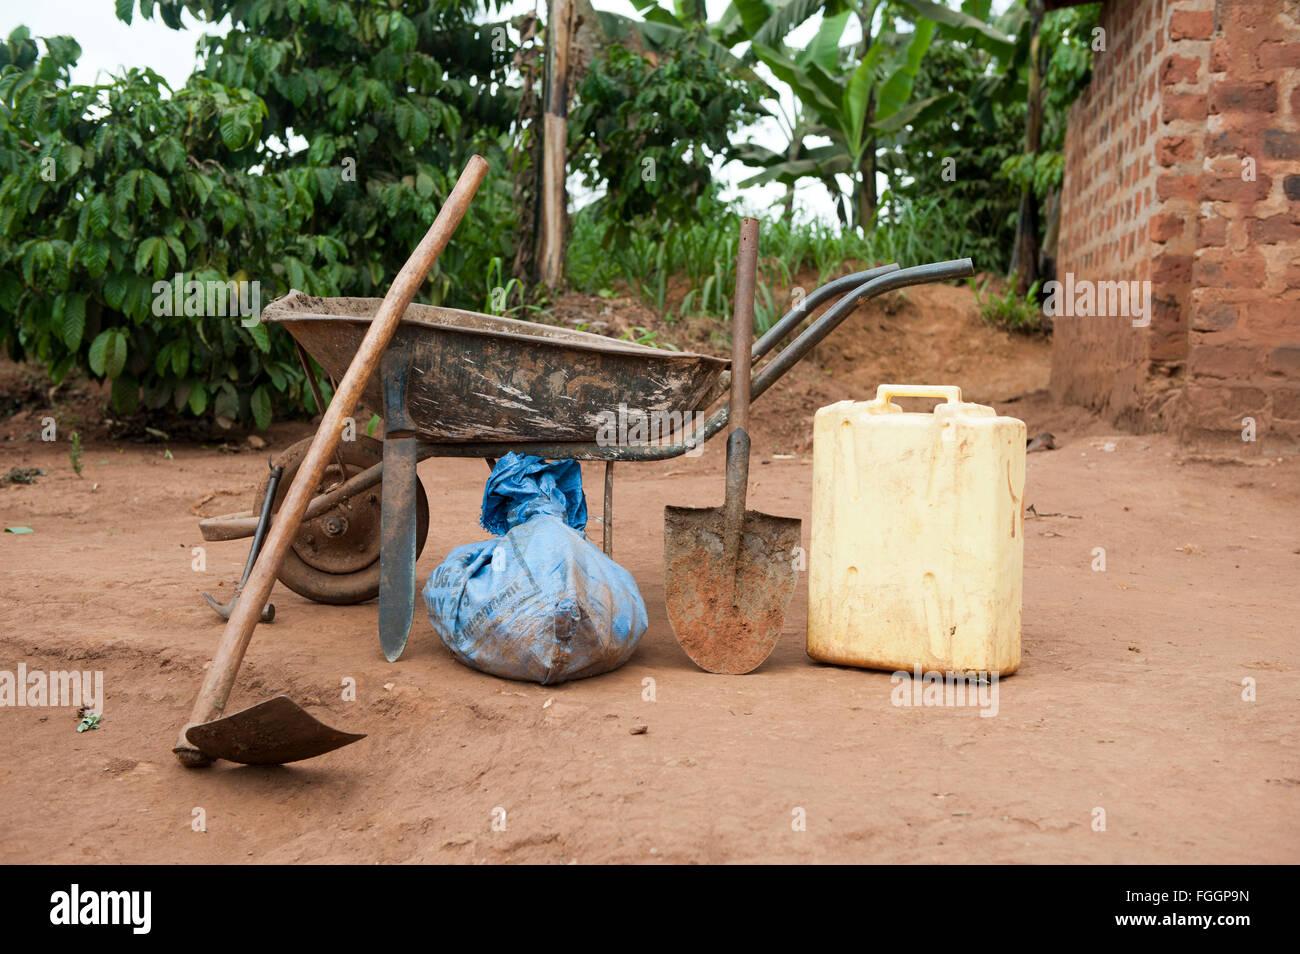 Grundlegende Werkzeuge für die Landwirtschaft in Uganda. Stockbild